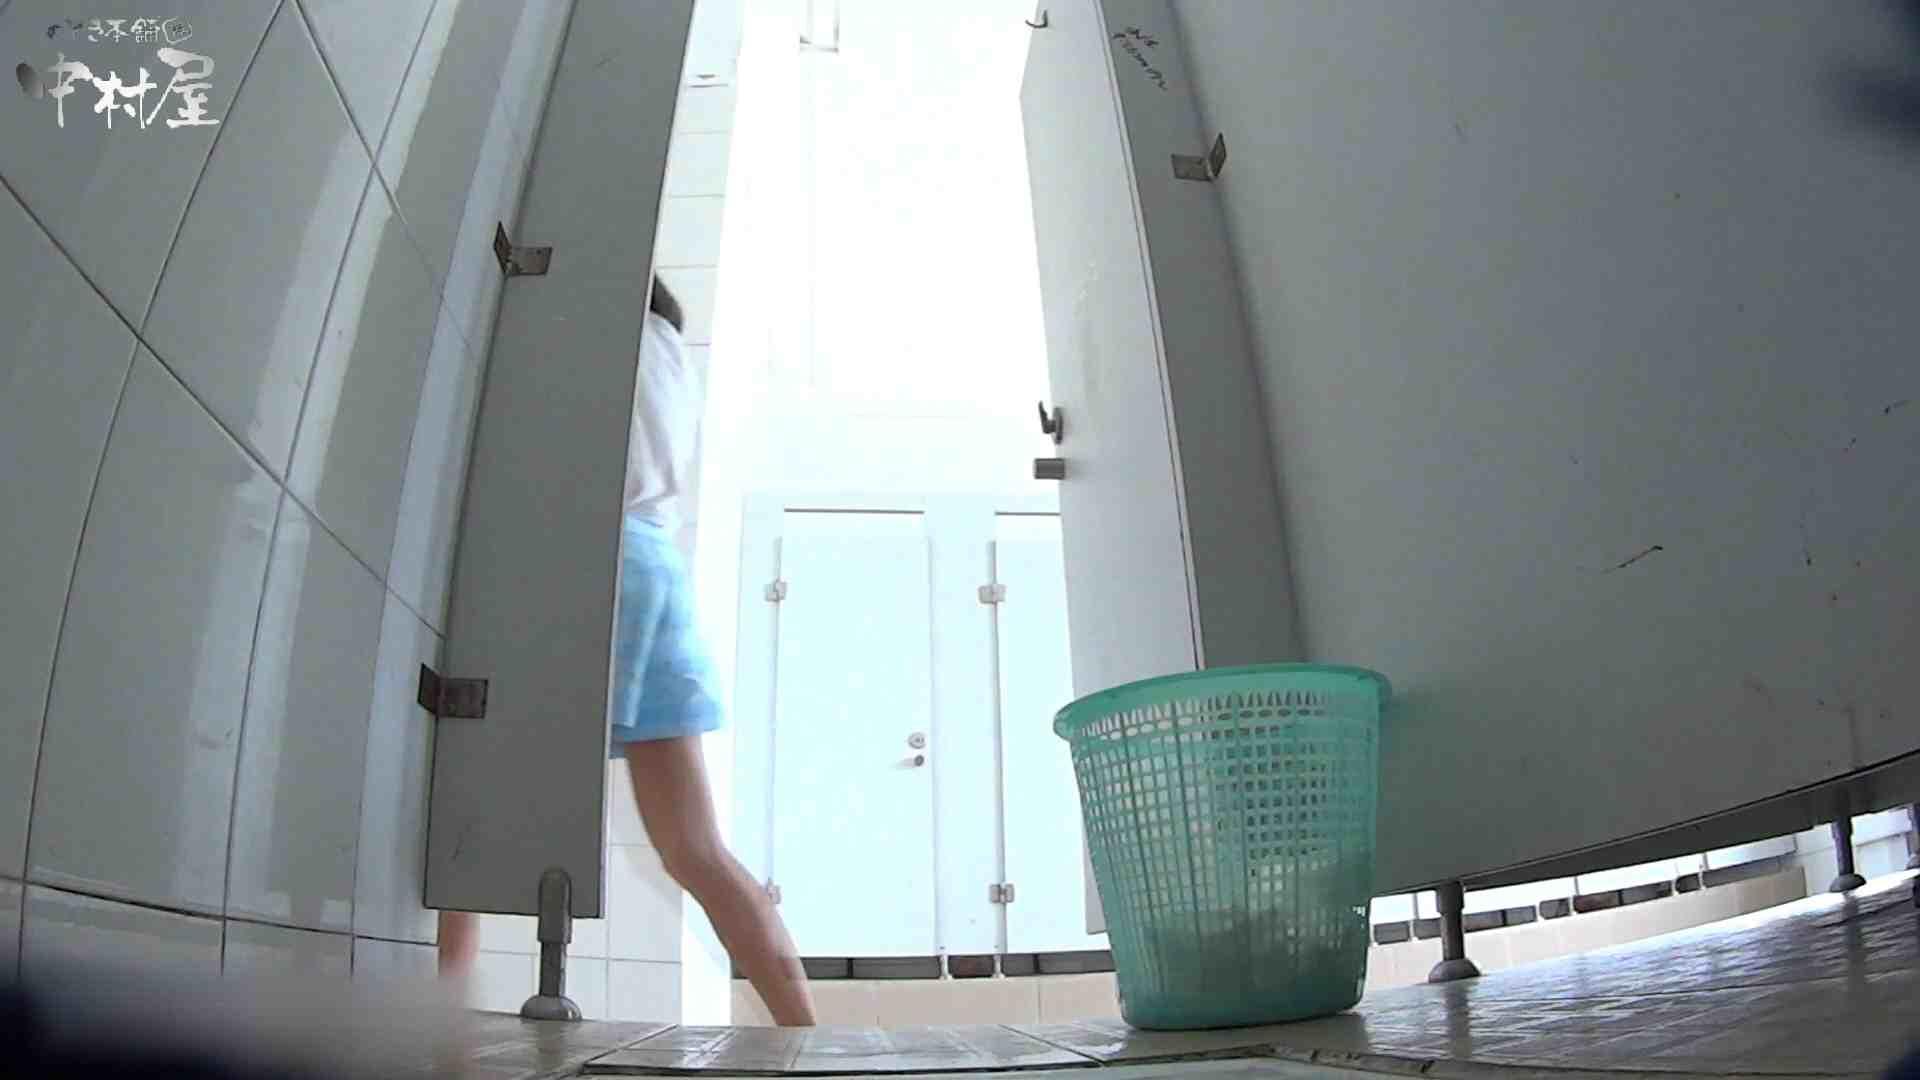 美しい女良たちのトイレ事情 有名大学休憩時間の洗面所事情06 盗撮 おめこ無修正画像 47連発 9